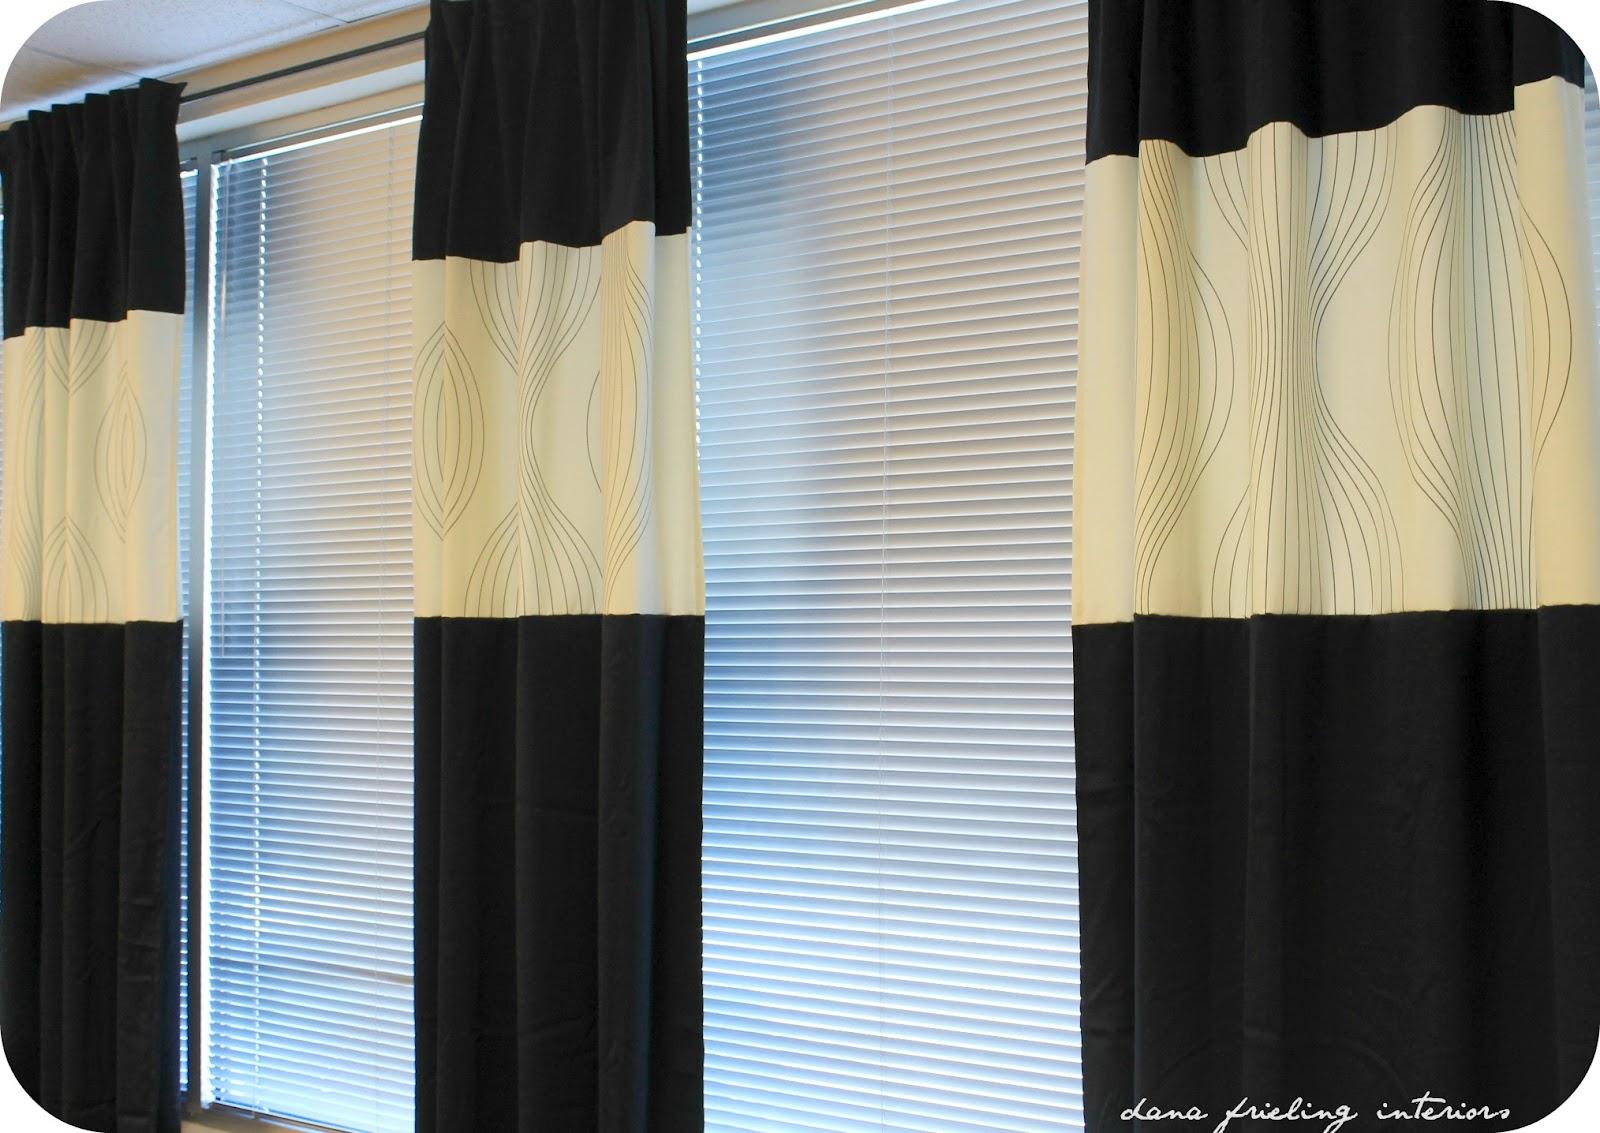 Make Them Wonder Ikea curtains turned custom